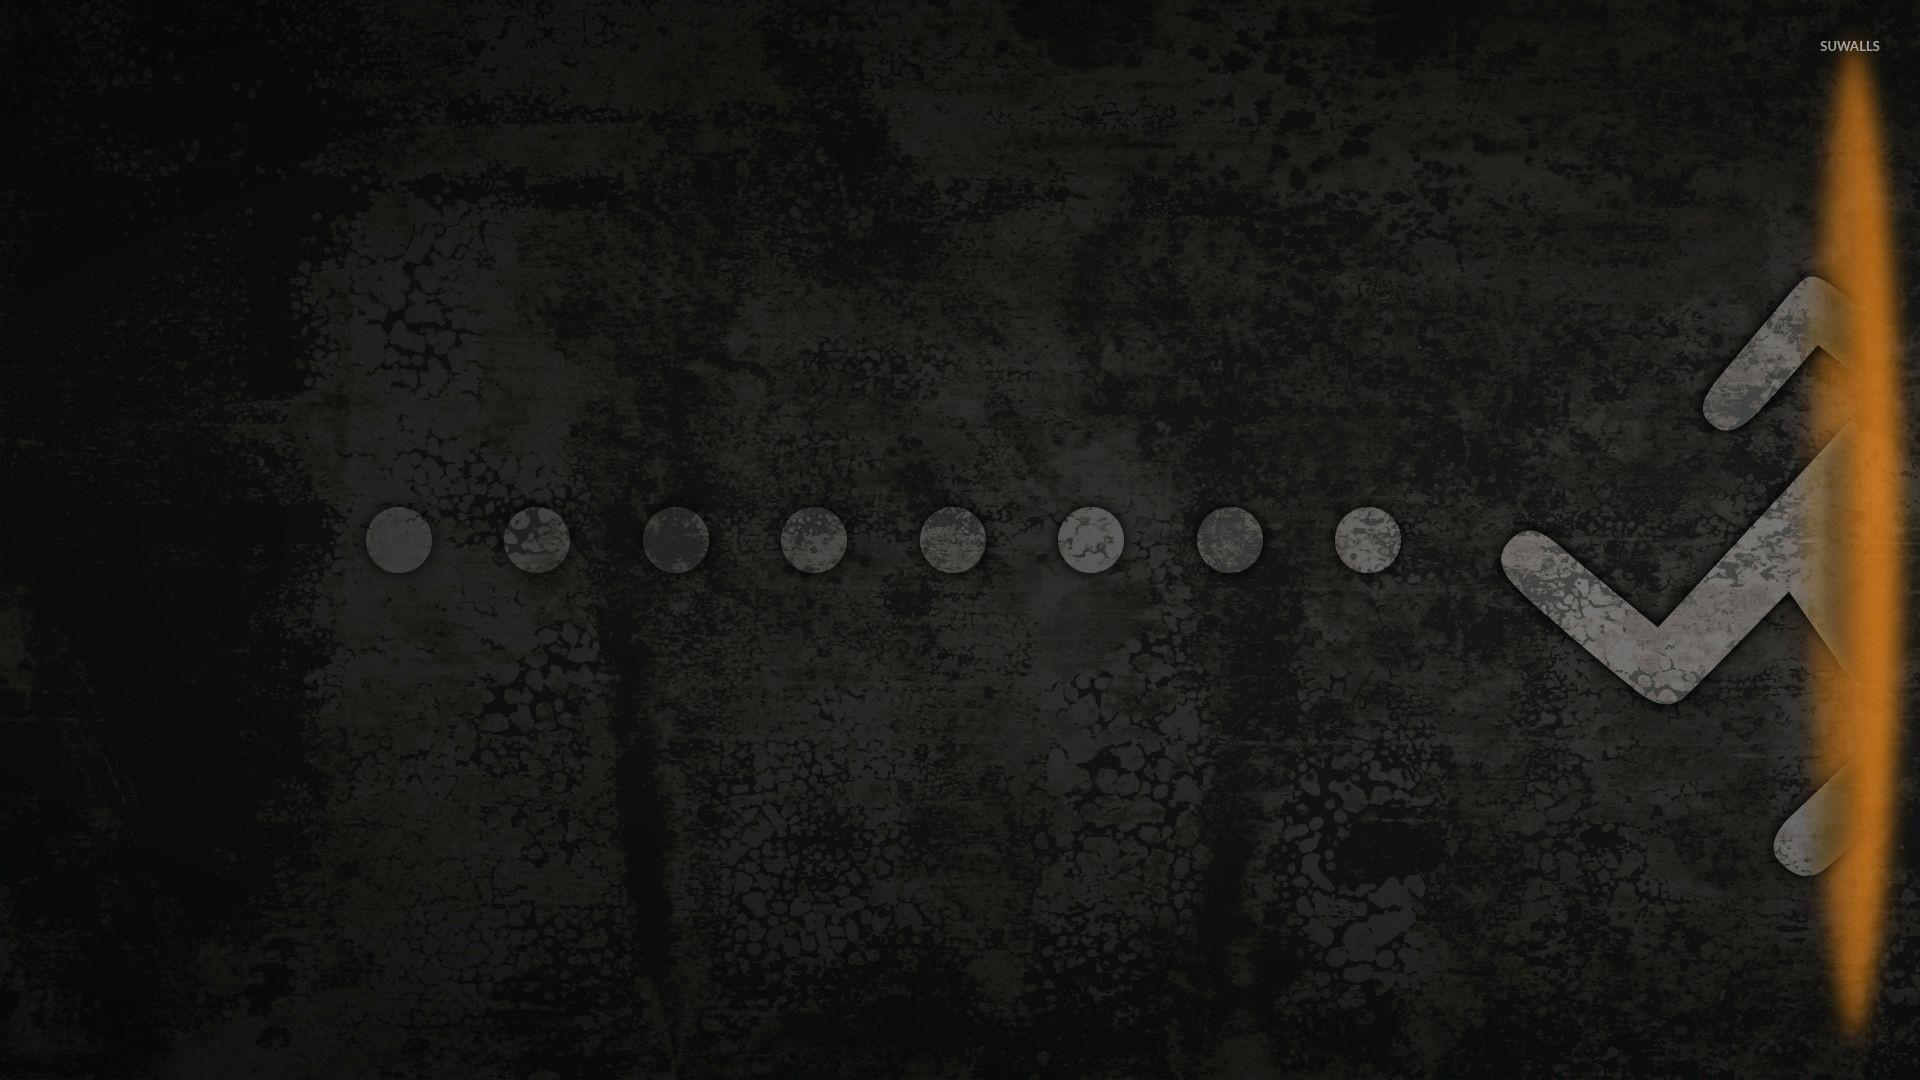 Portal 2 [19] wallpaper jpg